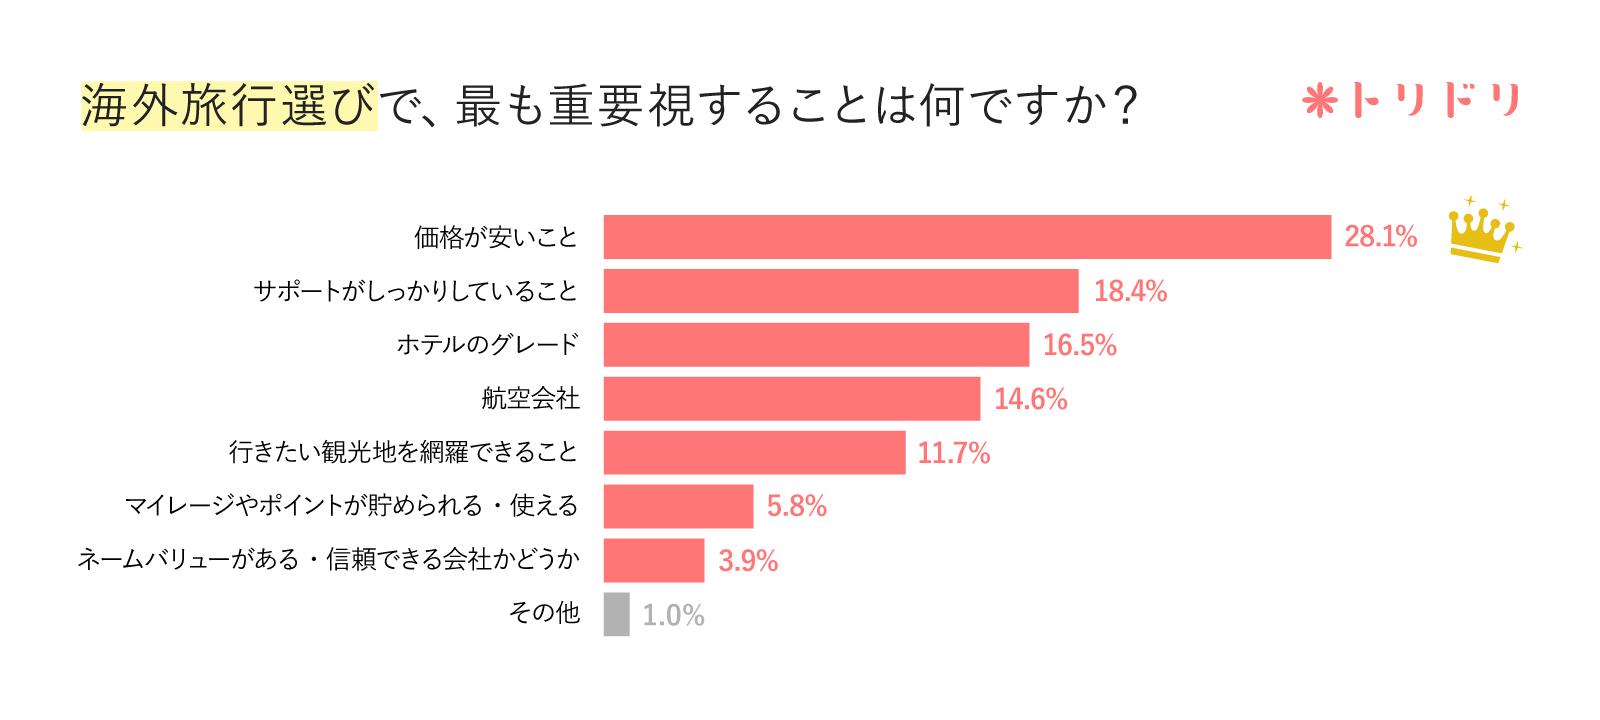 アンケートのグラフ:海外旅行選びで、最も重要視することは何ですか?